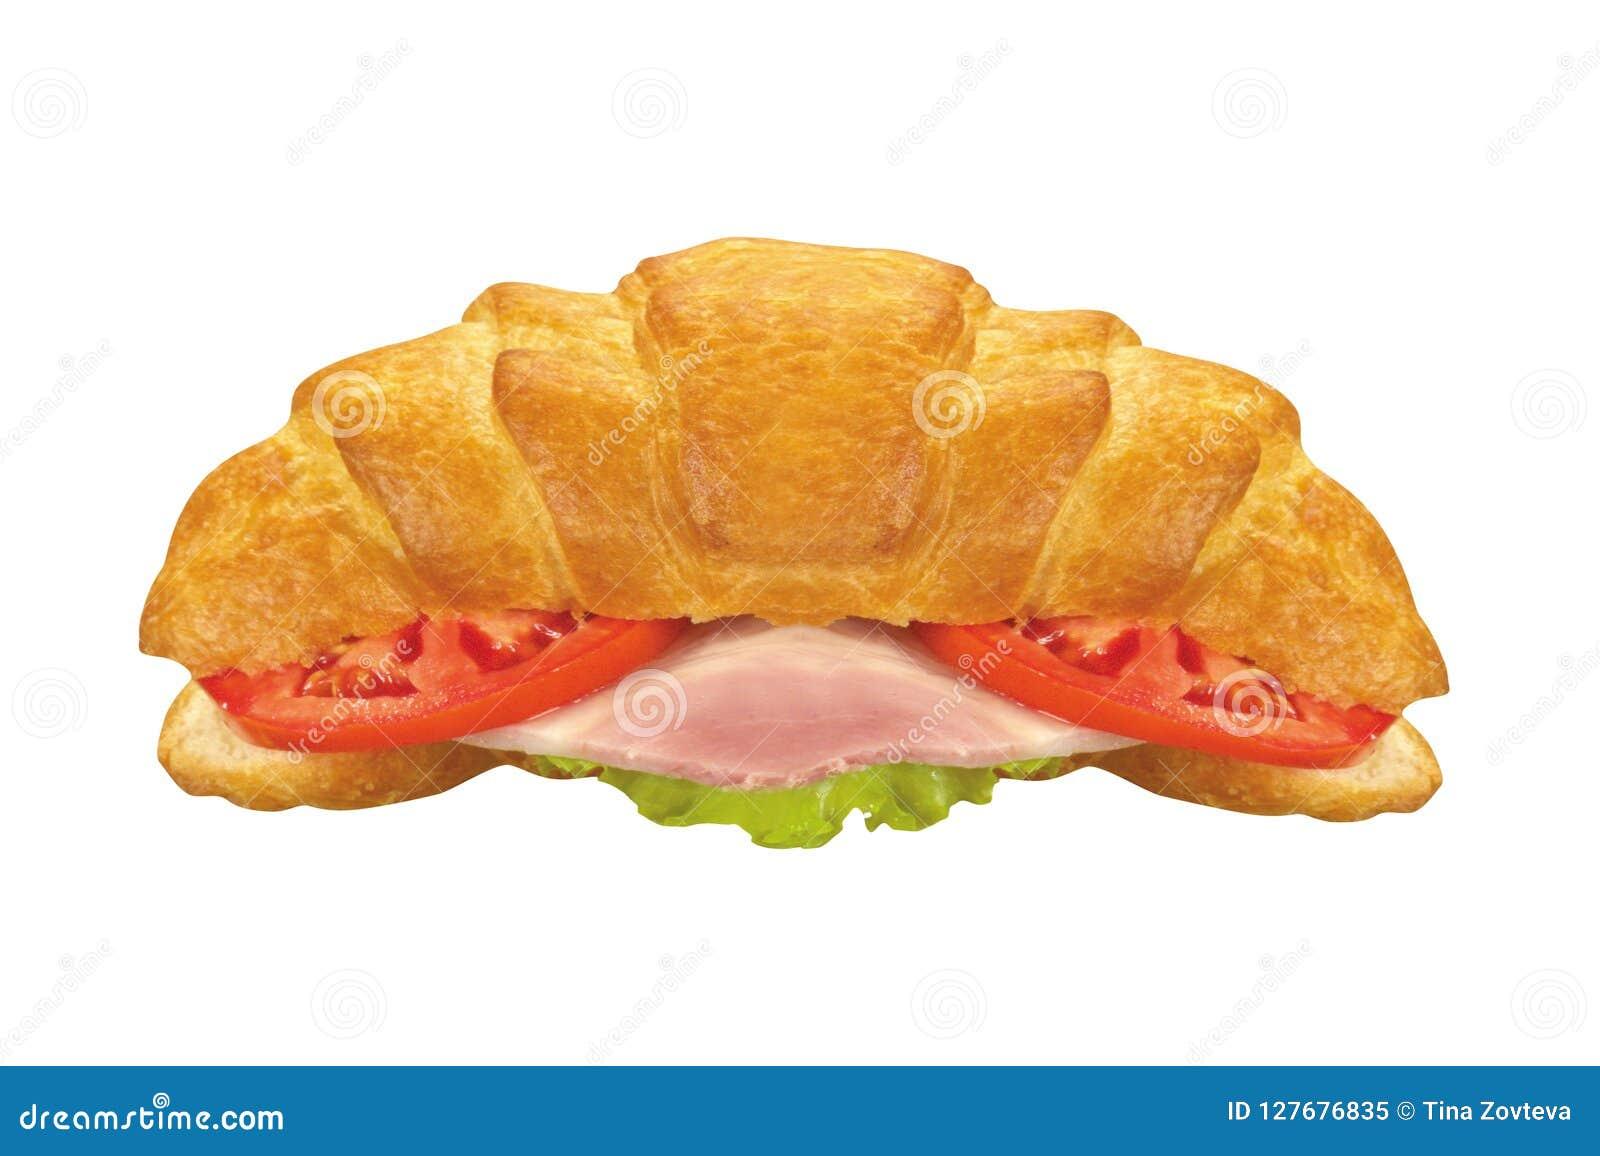 Sanduíche secundário isolado no branco